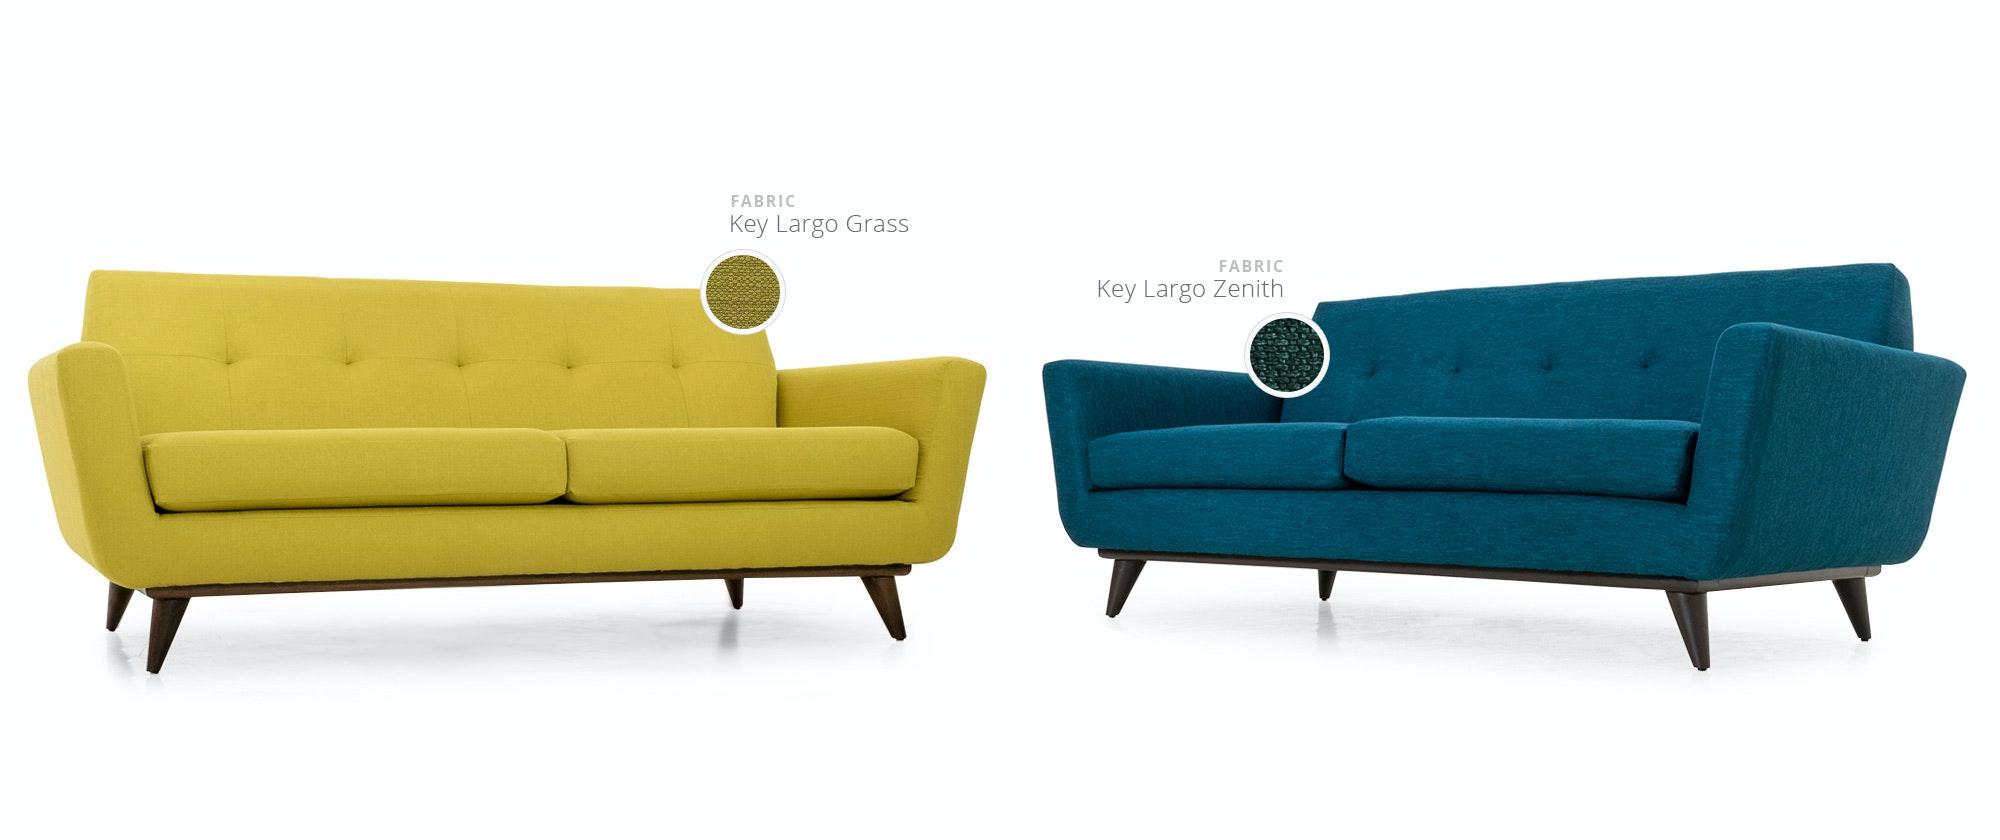 sofa elm loveseat mid media stella west century petite canada